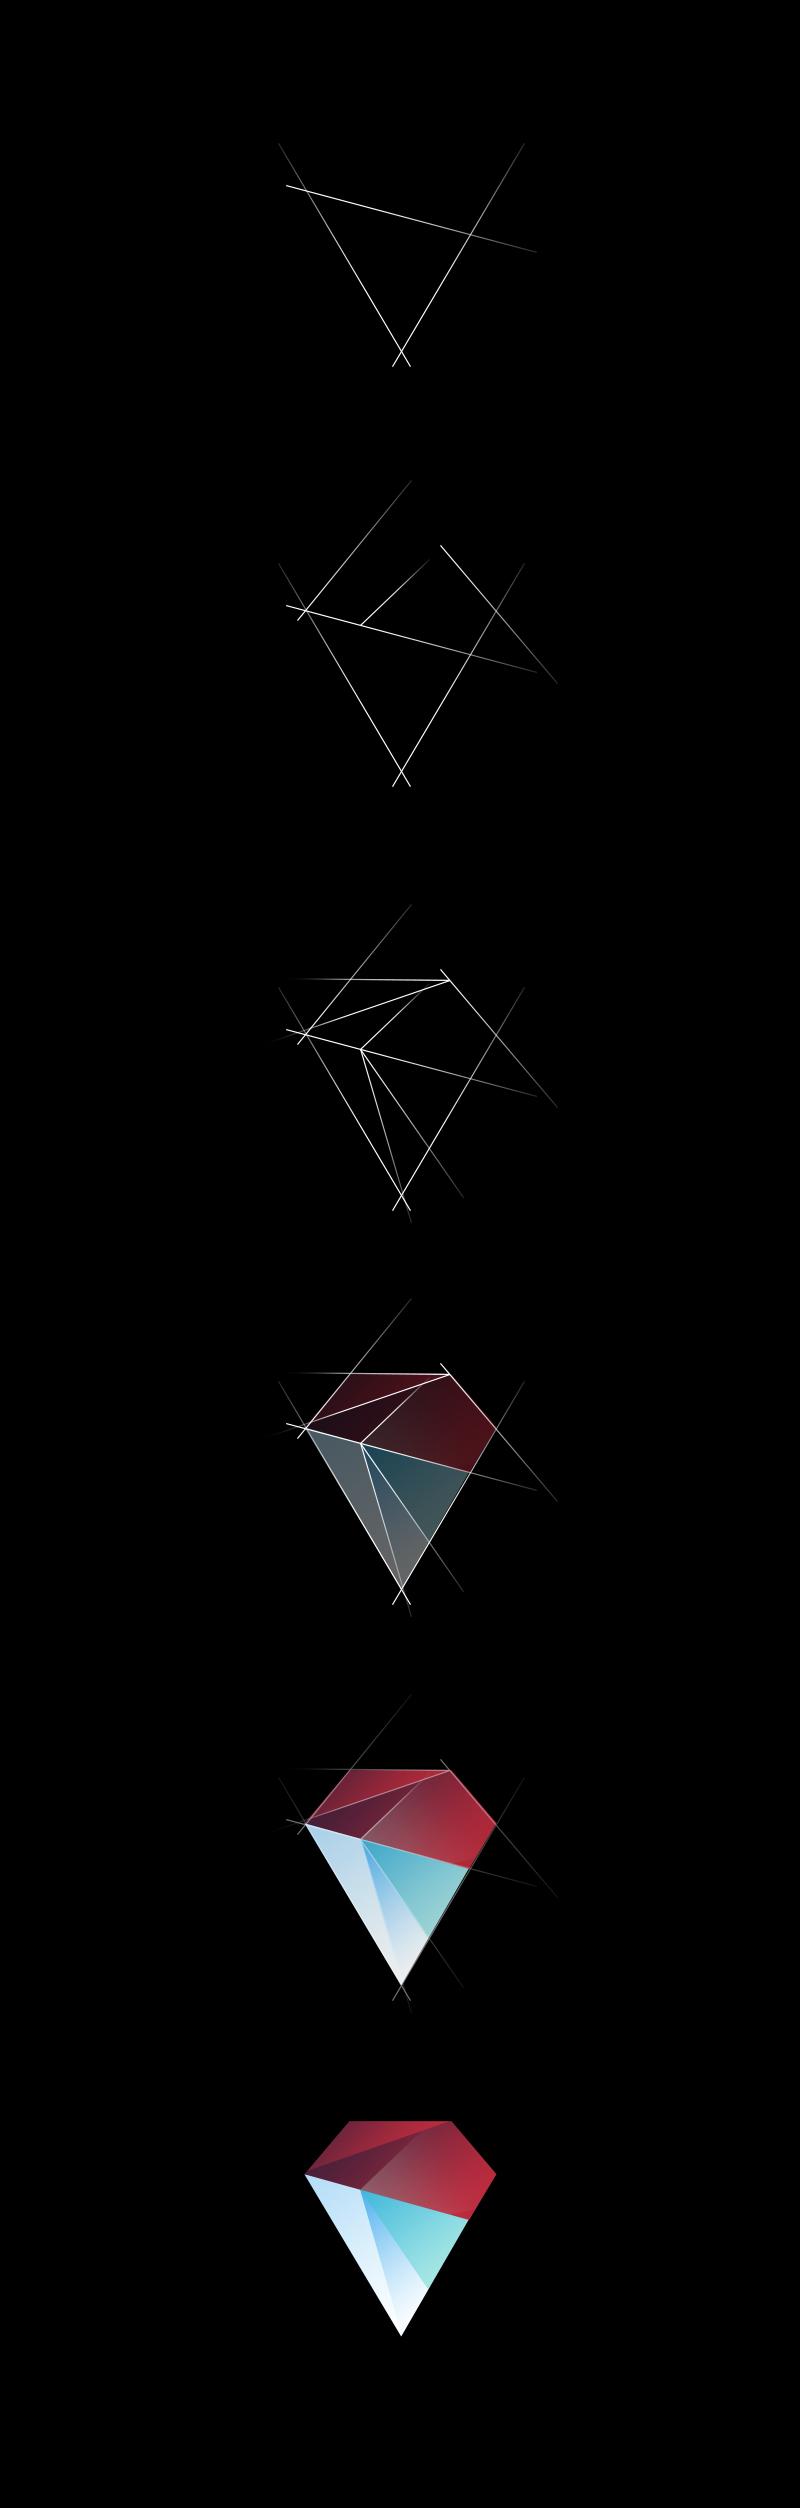 Webgem logo